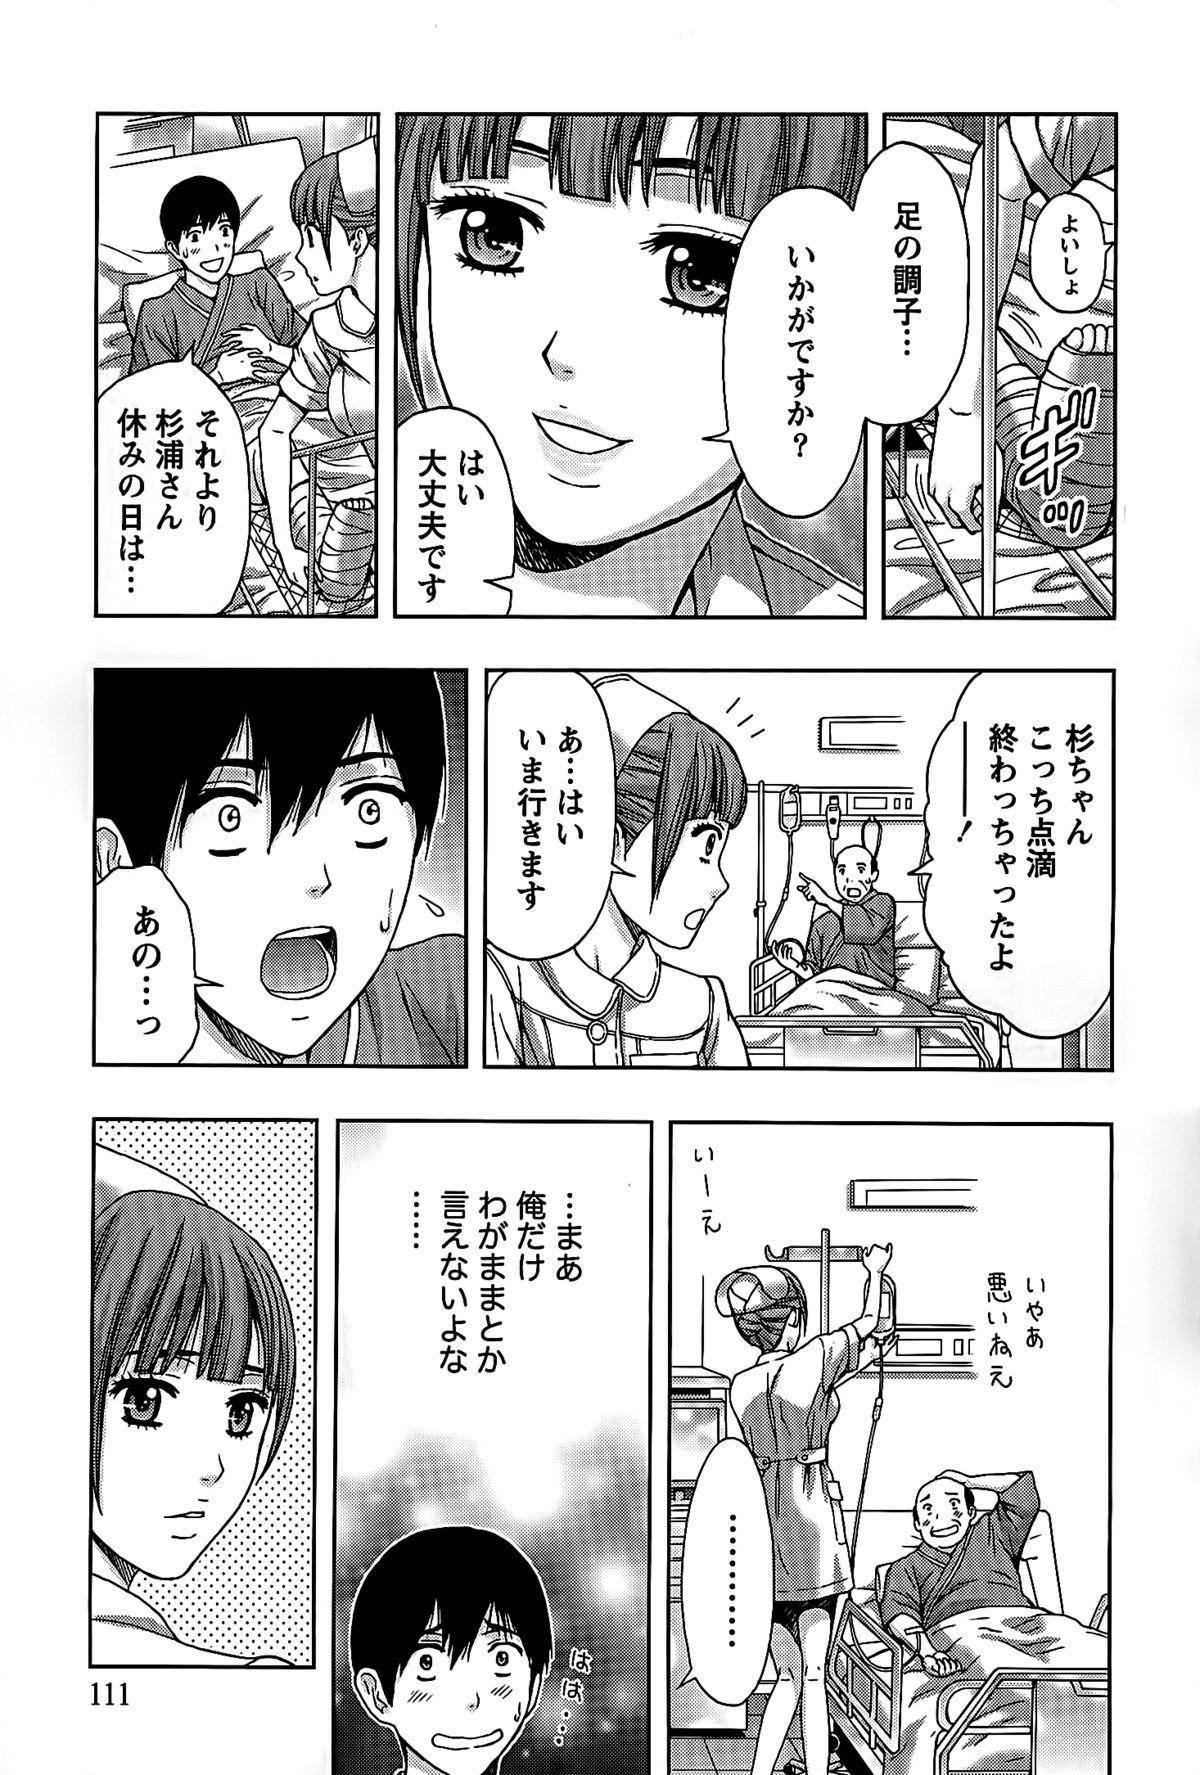 Shittori Lady to Amai Mitsu 110